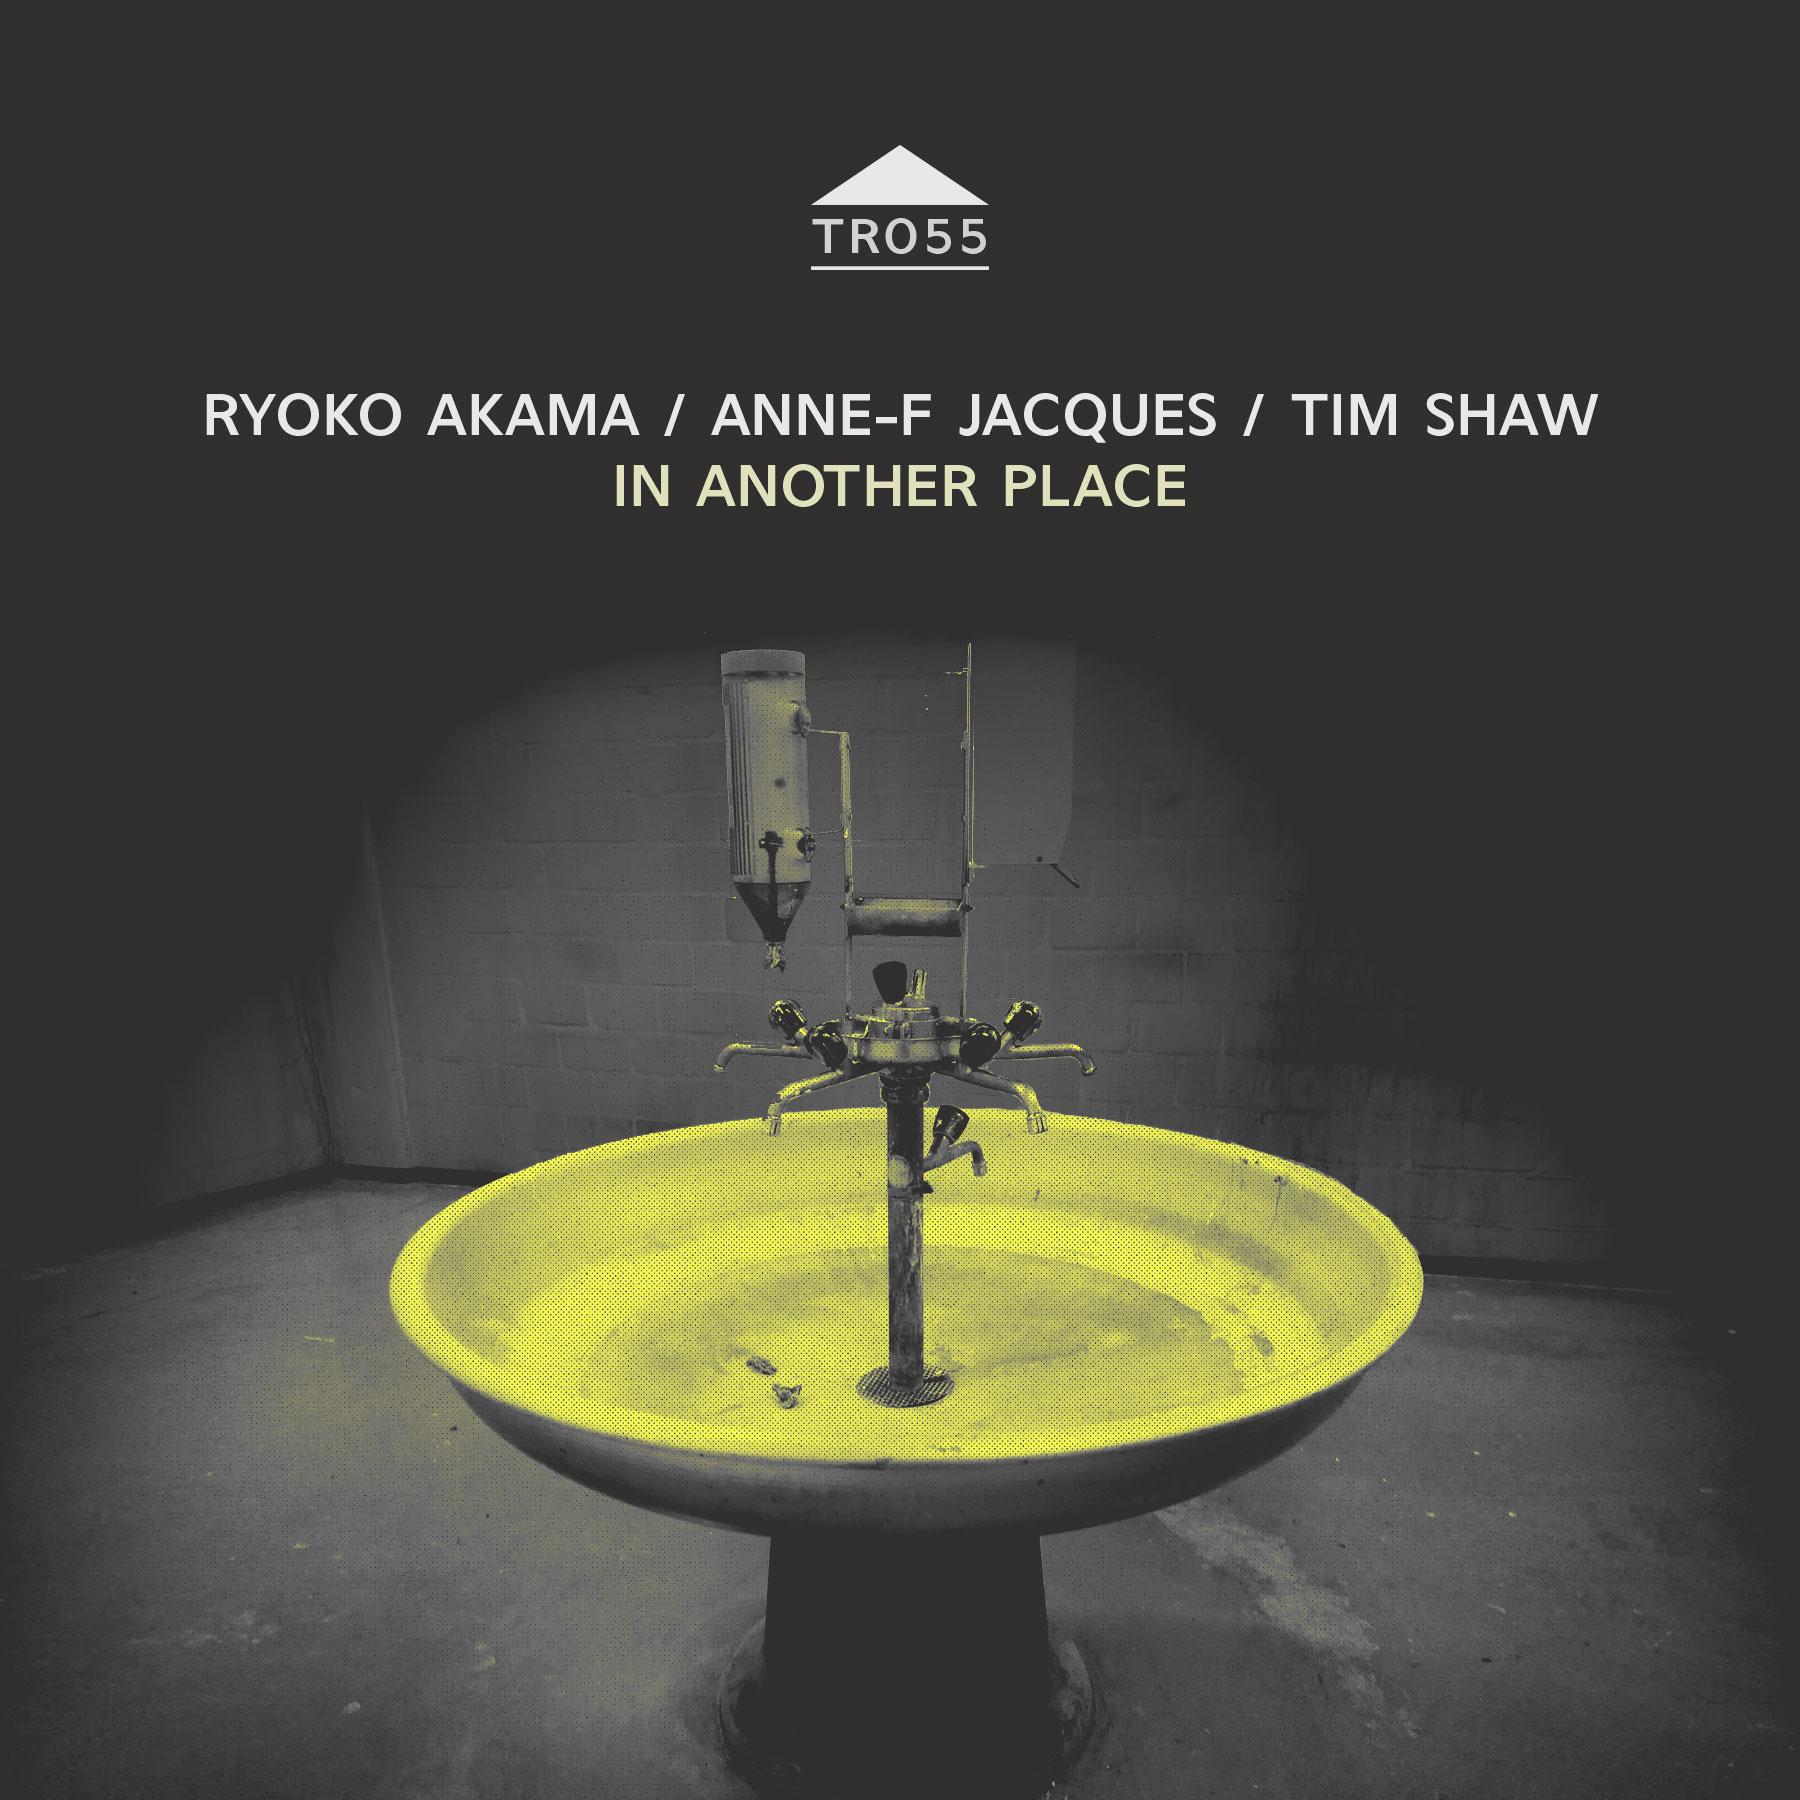 TR055-Akama-Jacques-Shaw.jpg